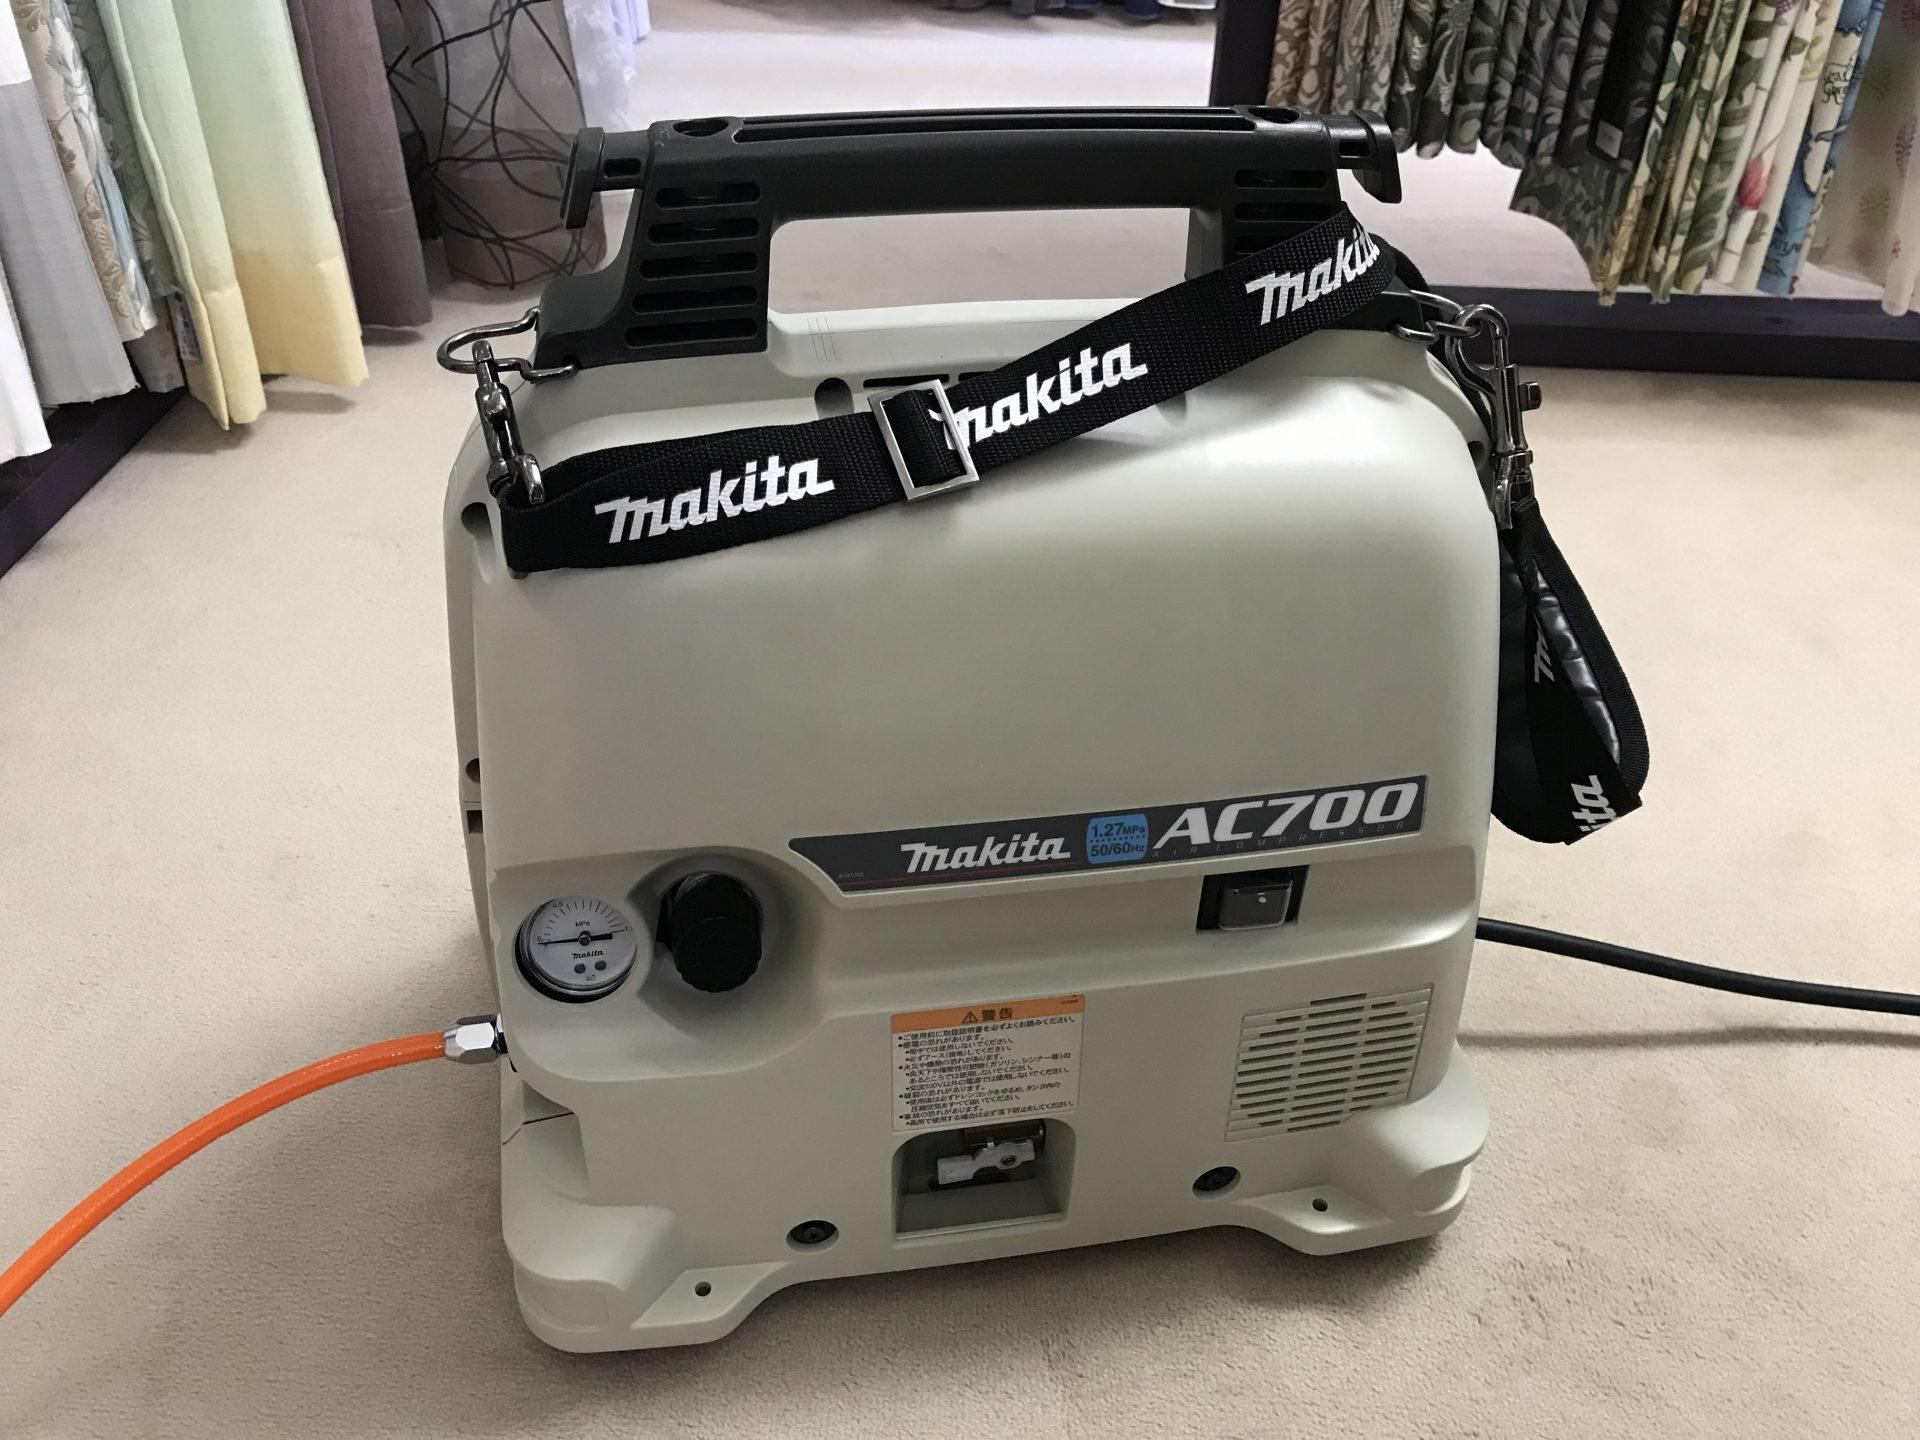 コンプレッサーマキタAC700